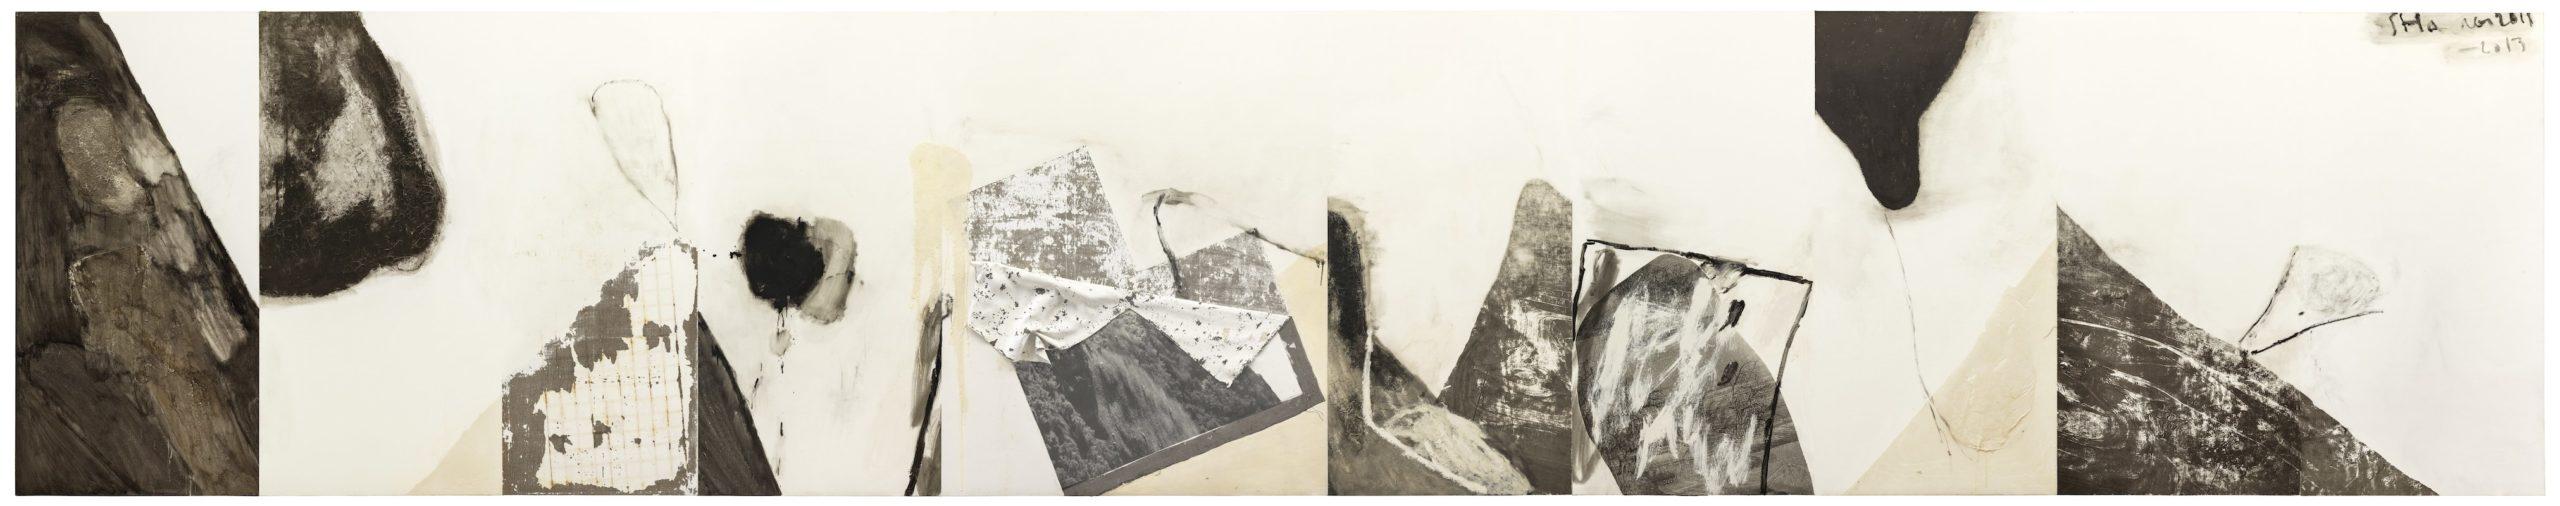 Shang Yang, 2011-2013, Mixed Media on Canvas 270x1403cm